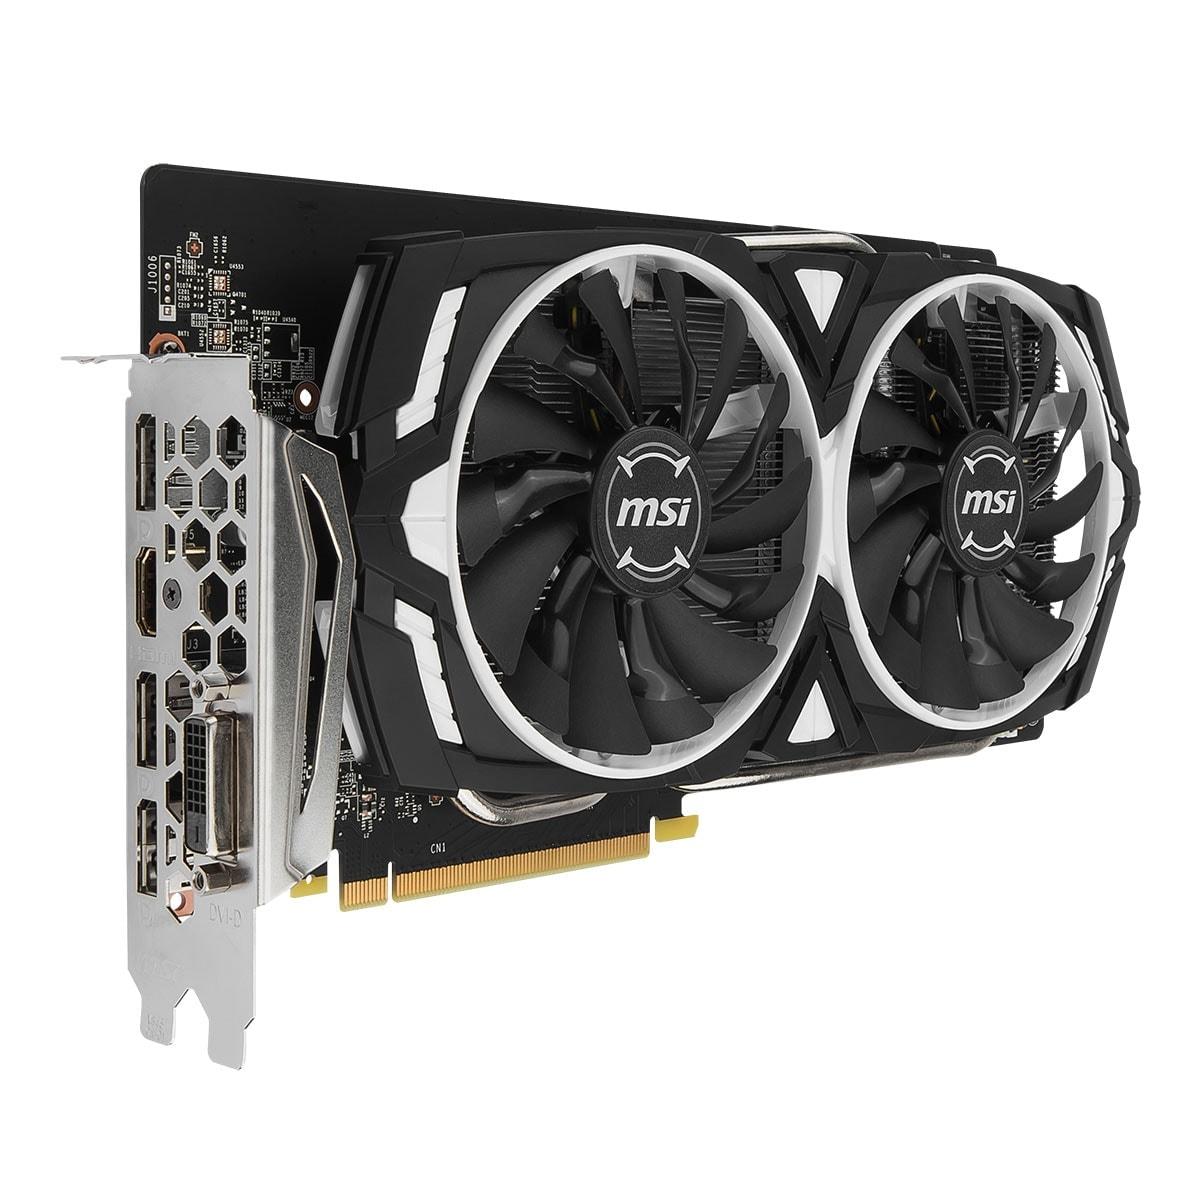 MSI nVidia GF GTX 1060 - 8Go - carte Graphique pour Gamer - GPU nVidia - 2